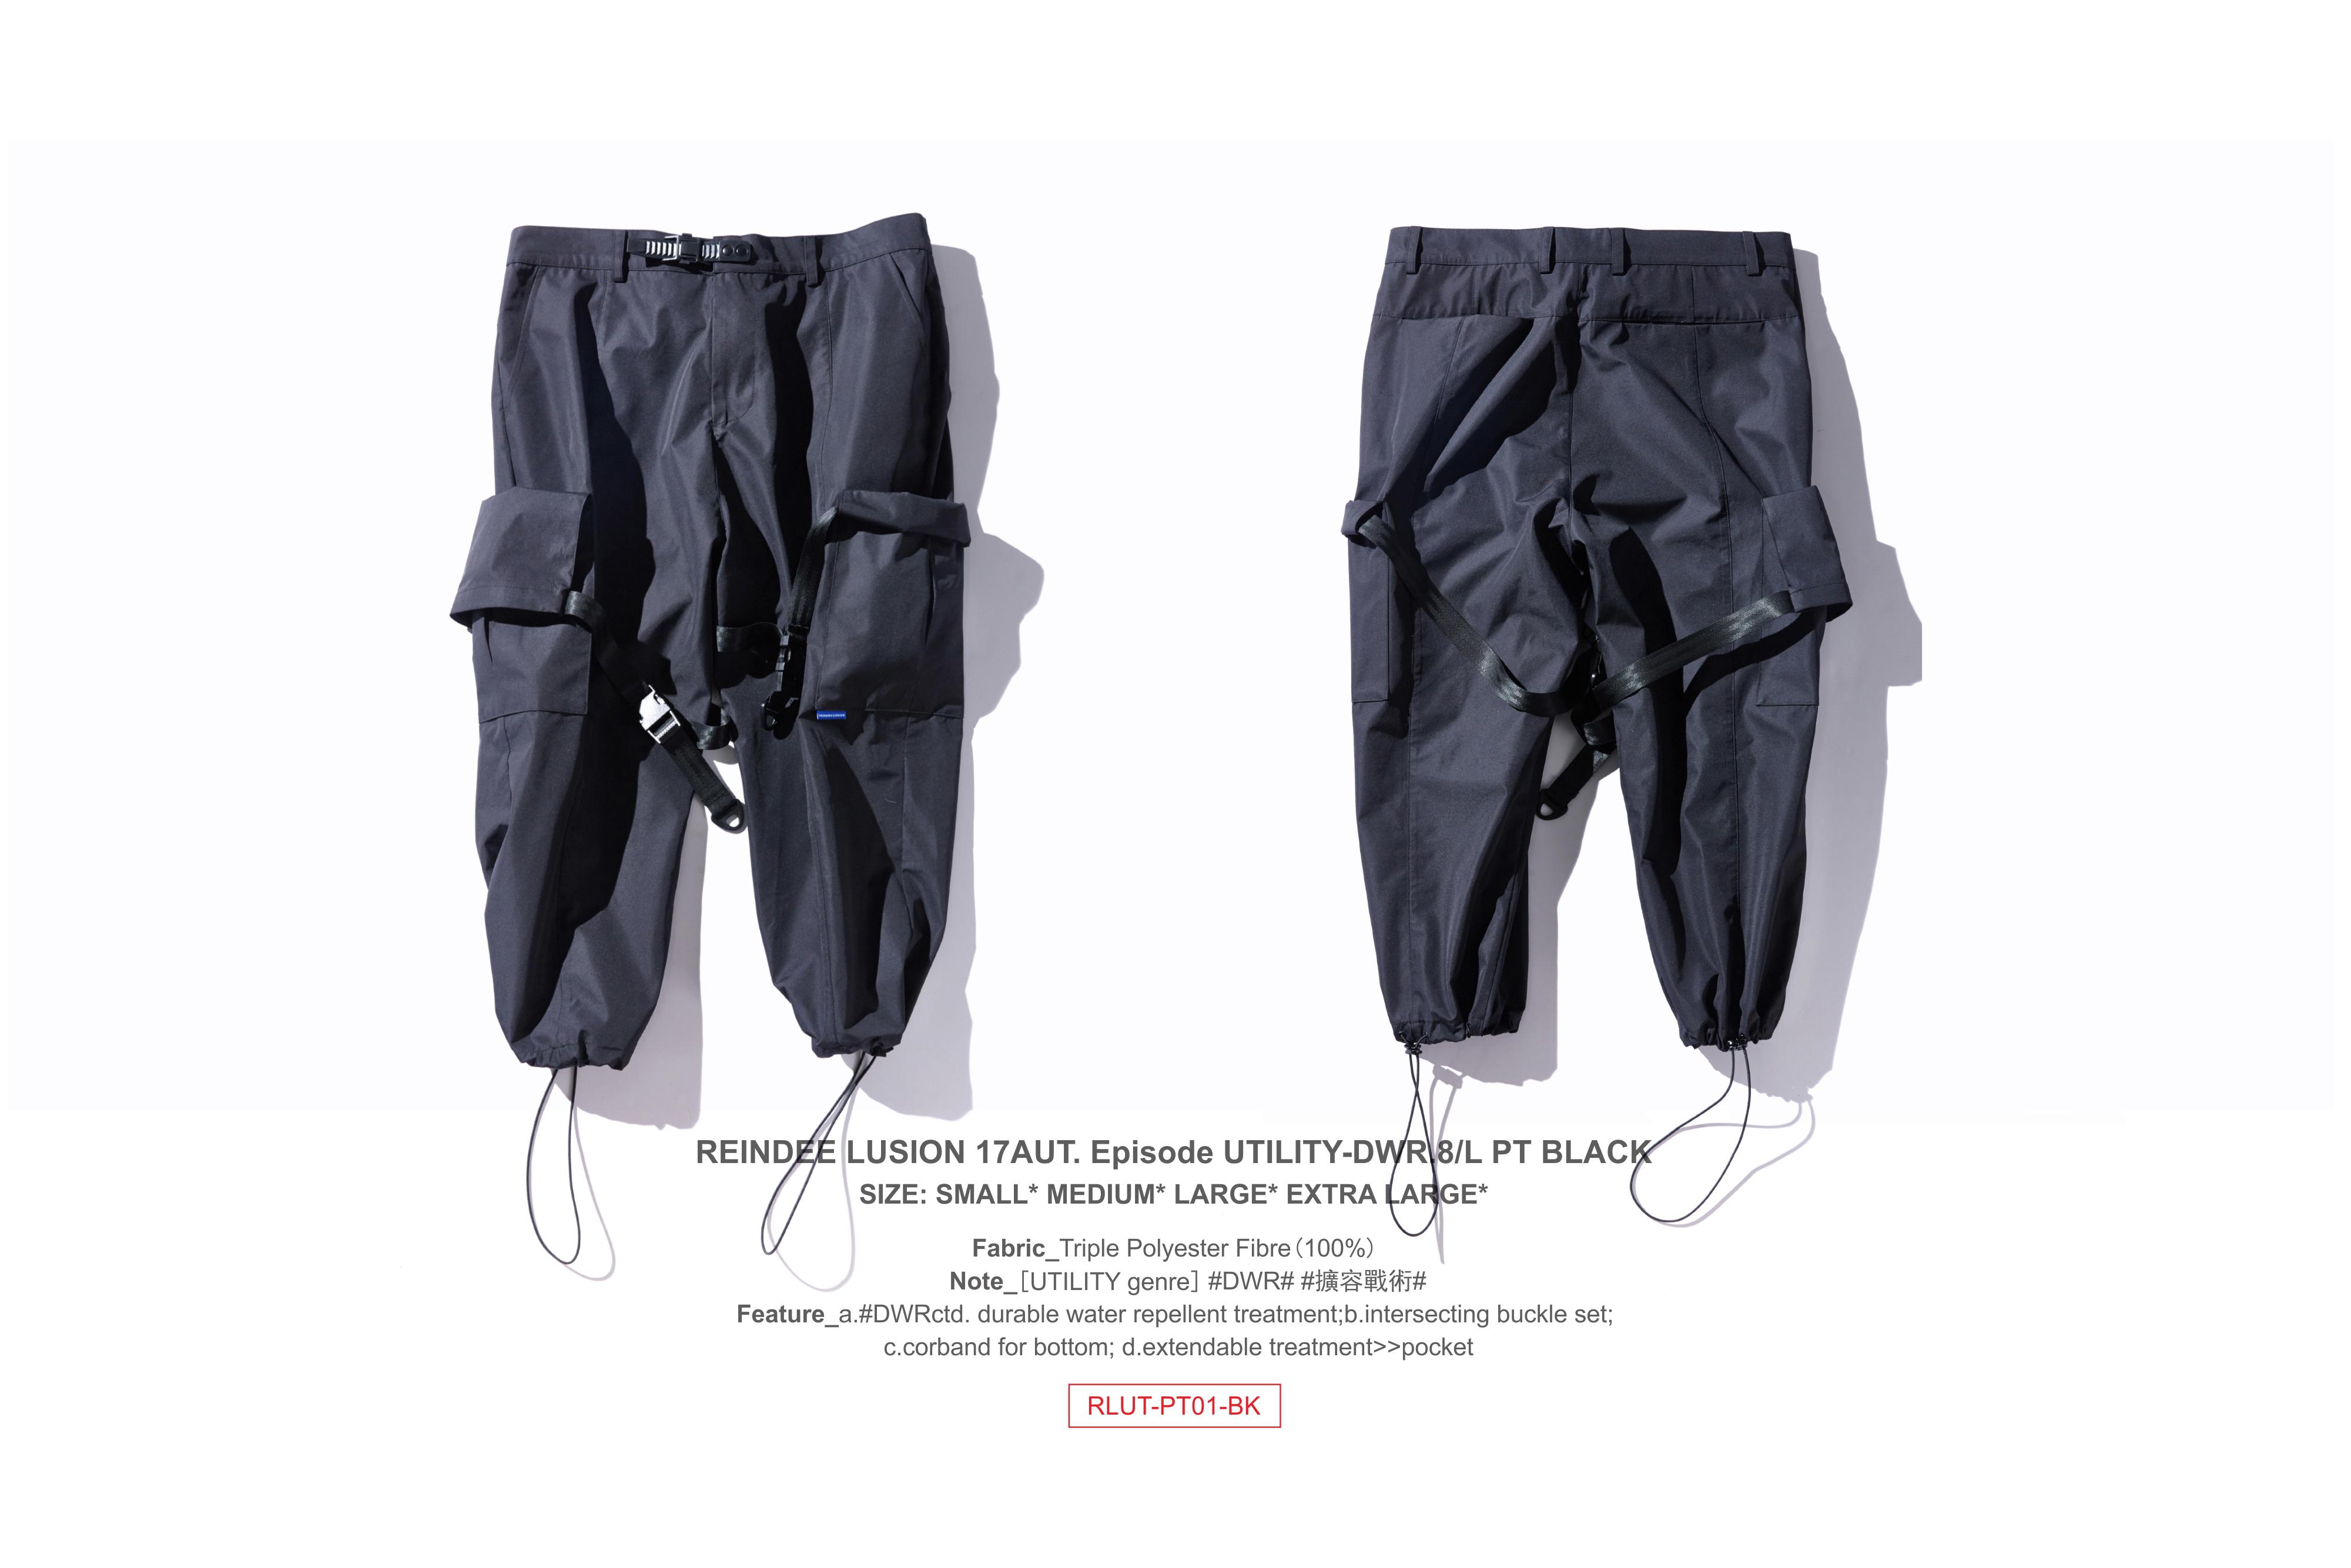 RL | REINDEE LUSION 17AUT.形功 可扩容口袋防水机能八分裤